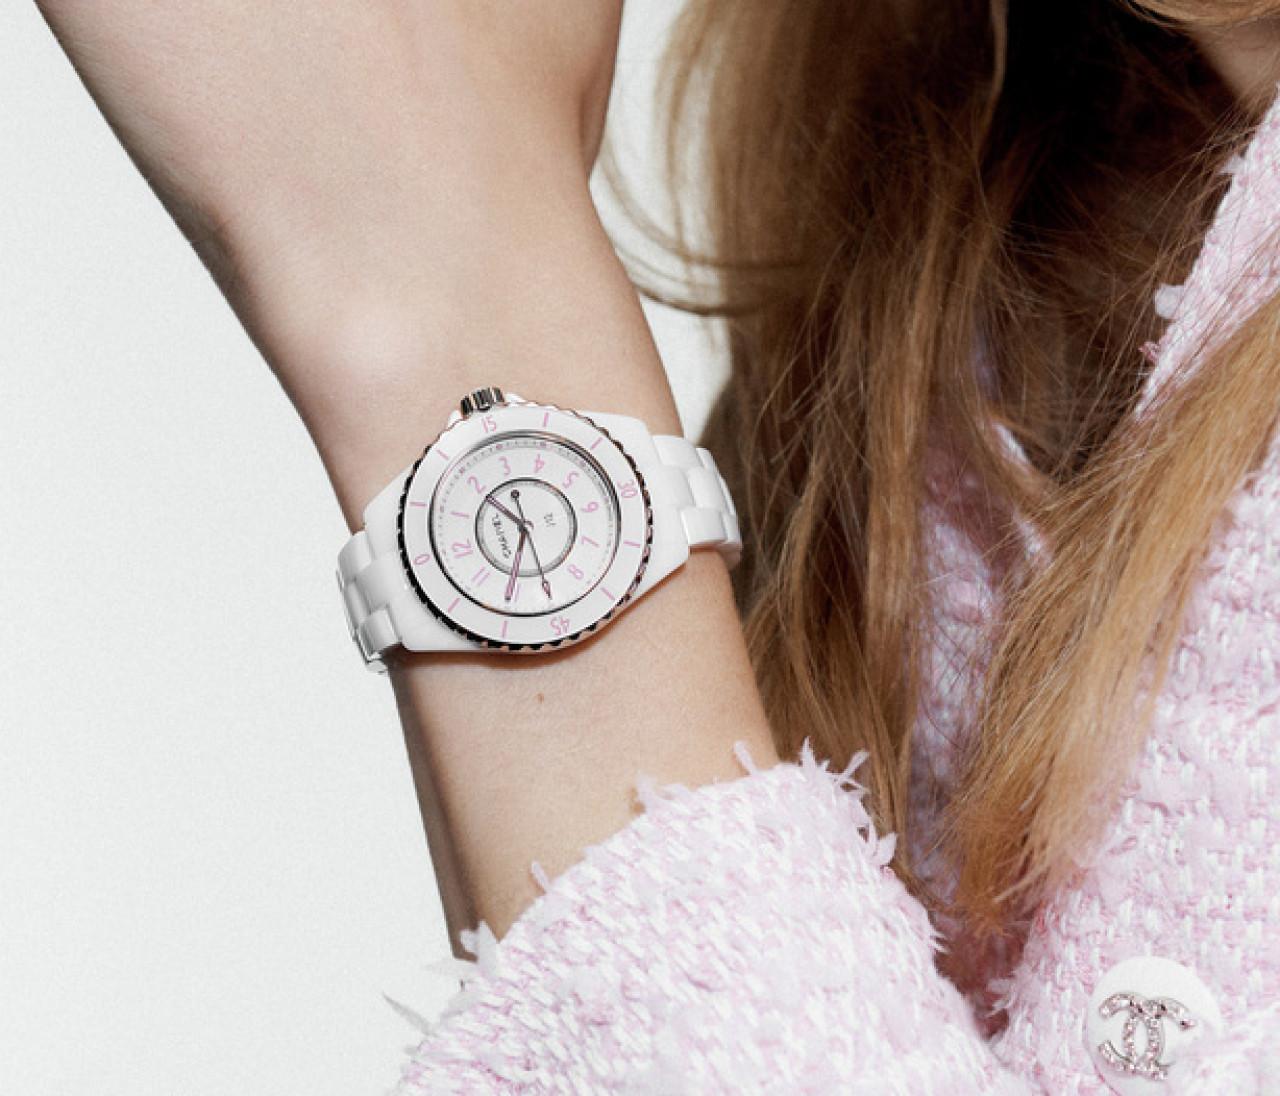 【シャネルのアイコン時計「J12」】世界で1200本限定「J12  ピンク ブラッシュ」が誕生!